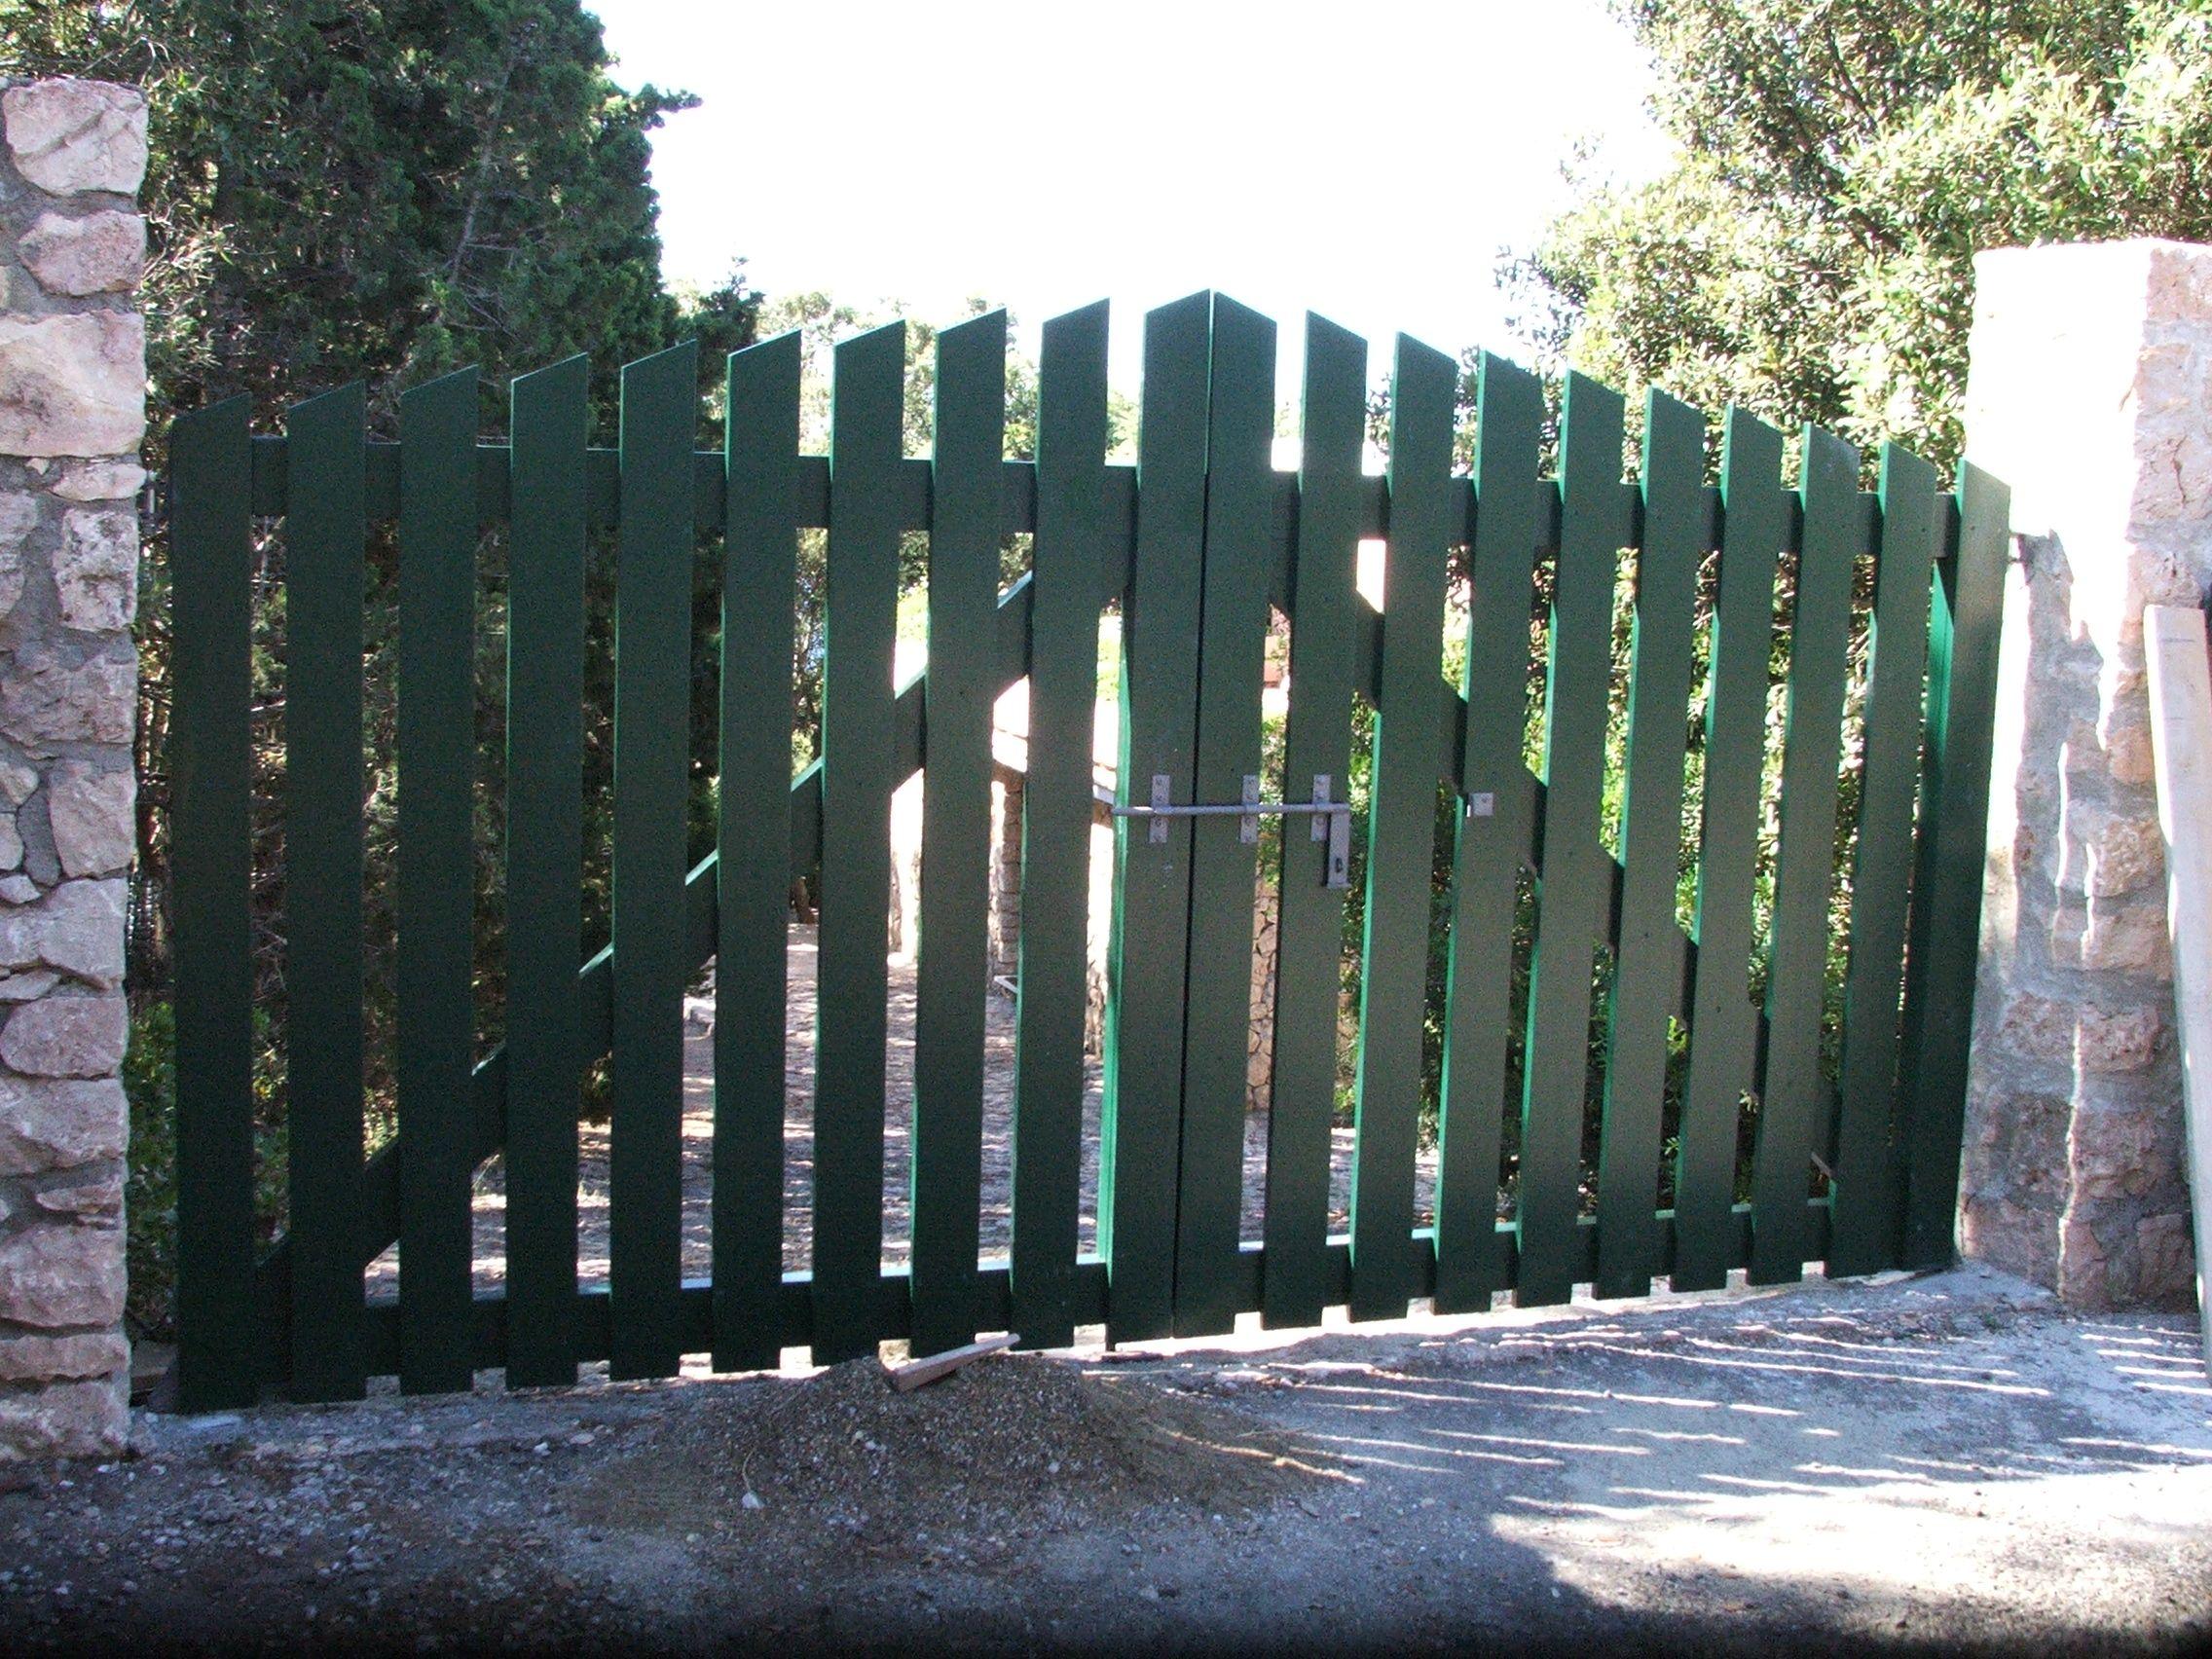 Cancello in legno verniciato di colore verde cancelli da for Cancelli di legno per giardino